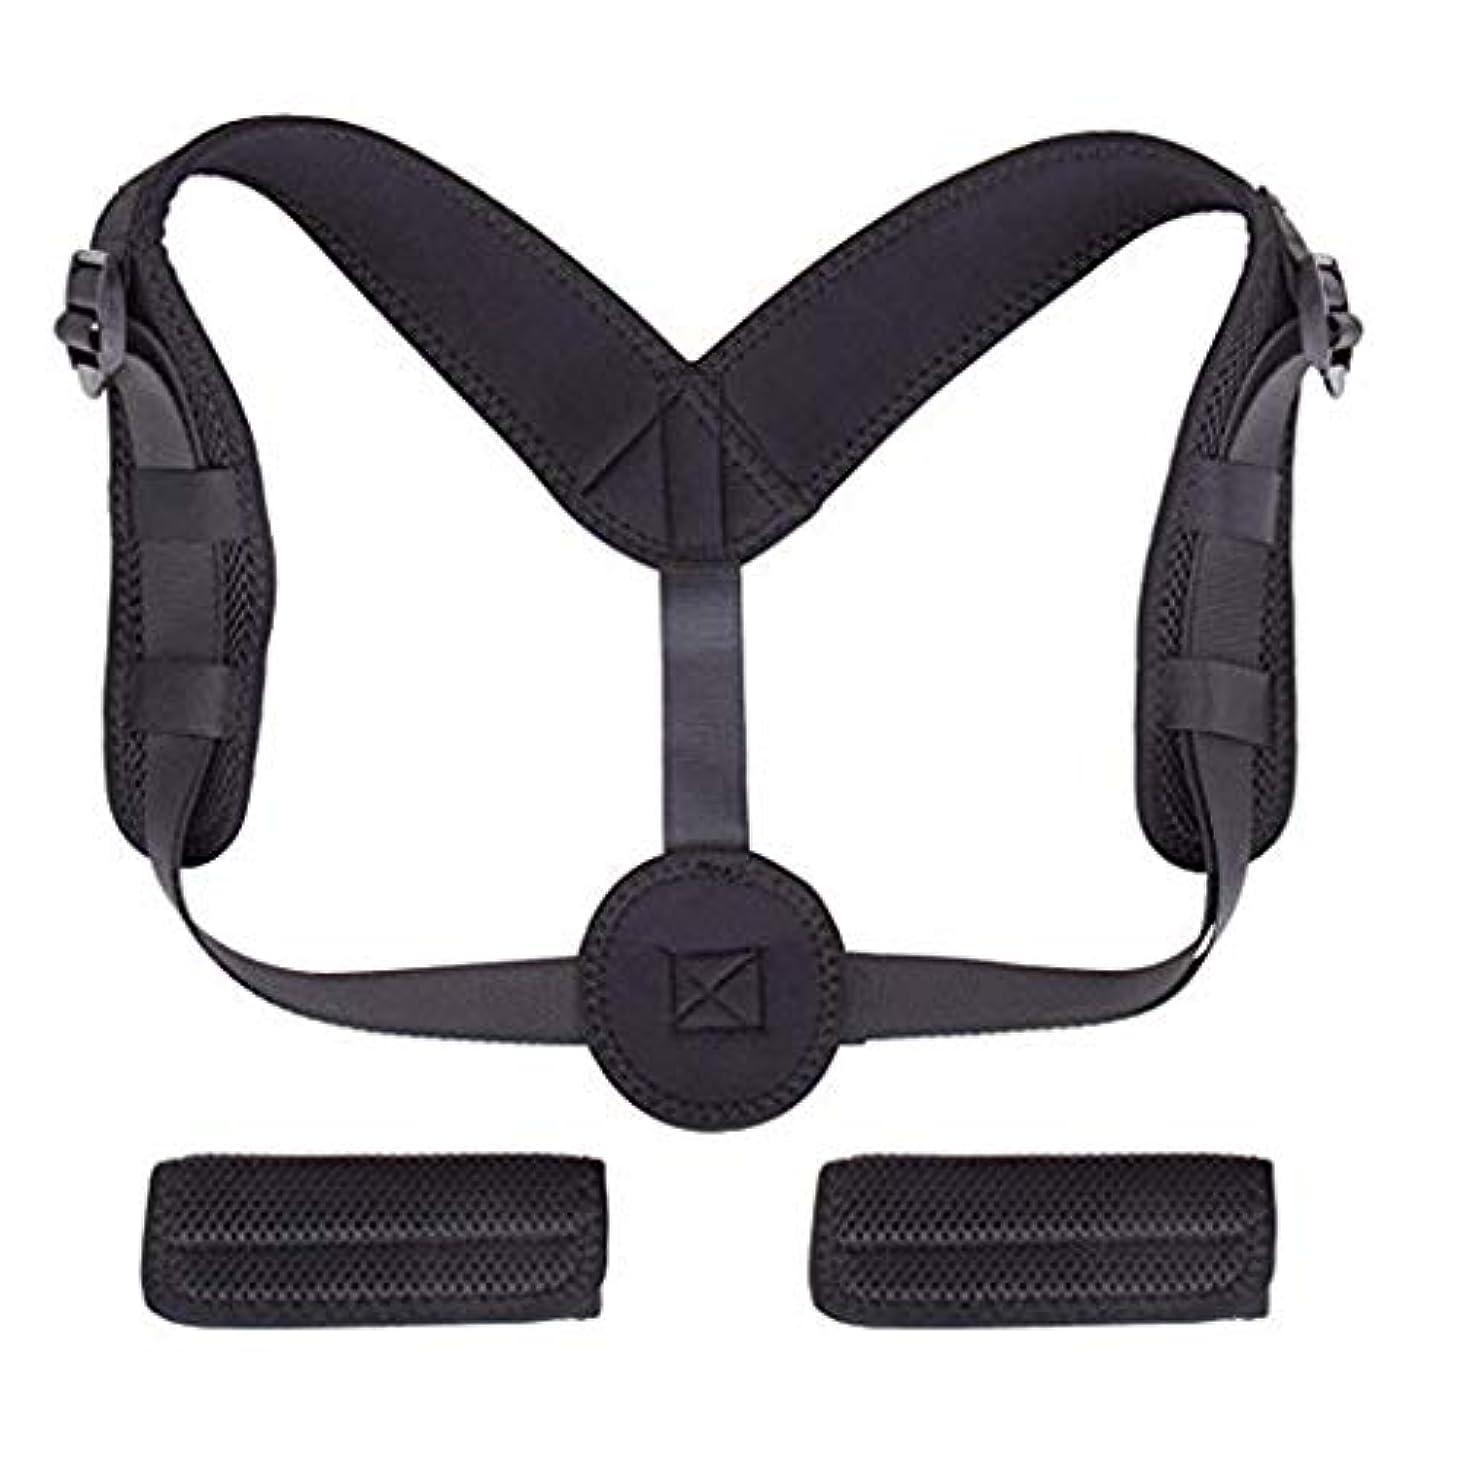 背部サポート姿勢の装具 - 反こぶの網の通気性の訂正ベルト(1ヤード)のために適した